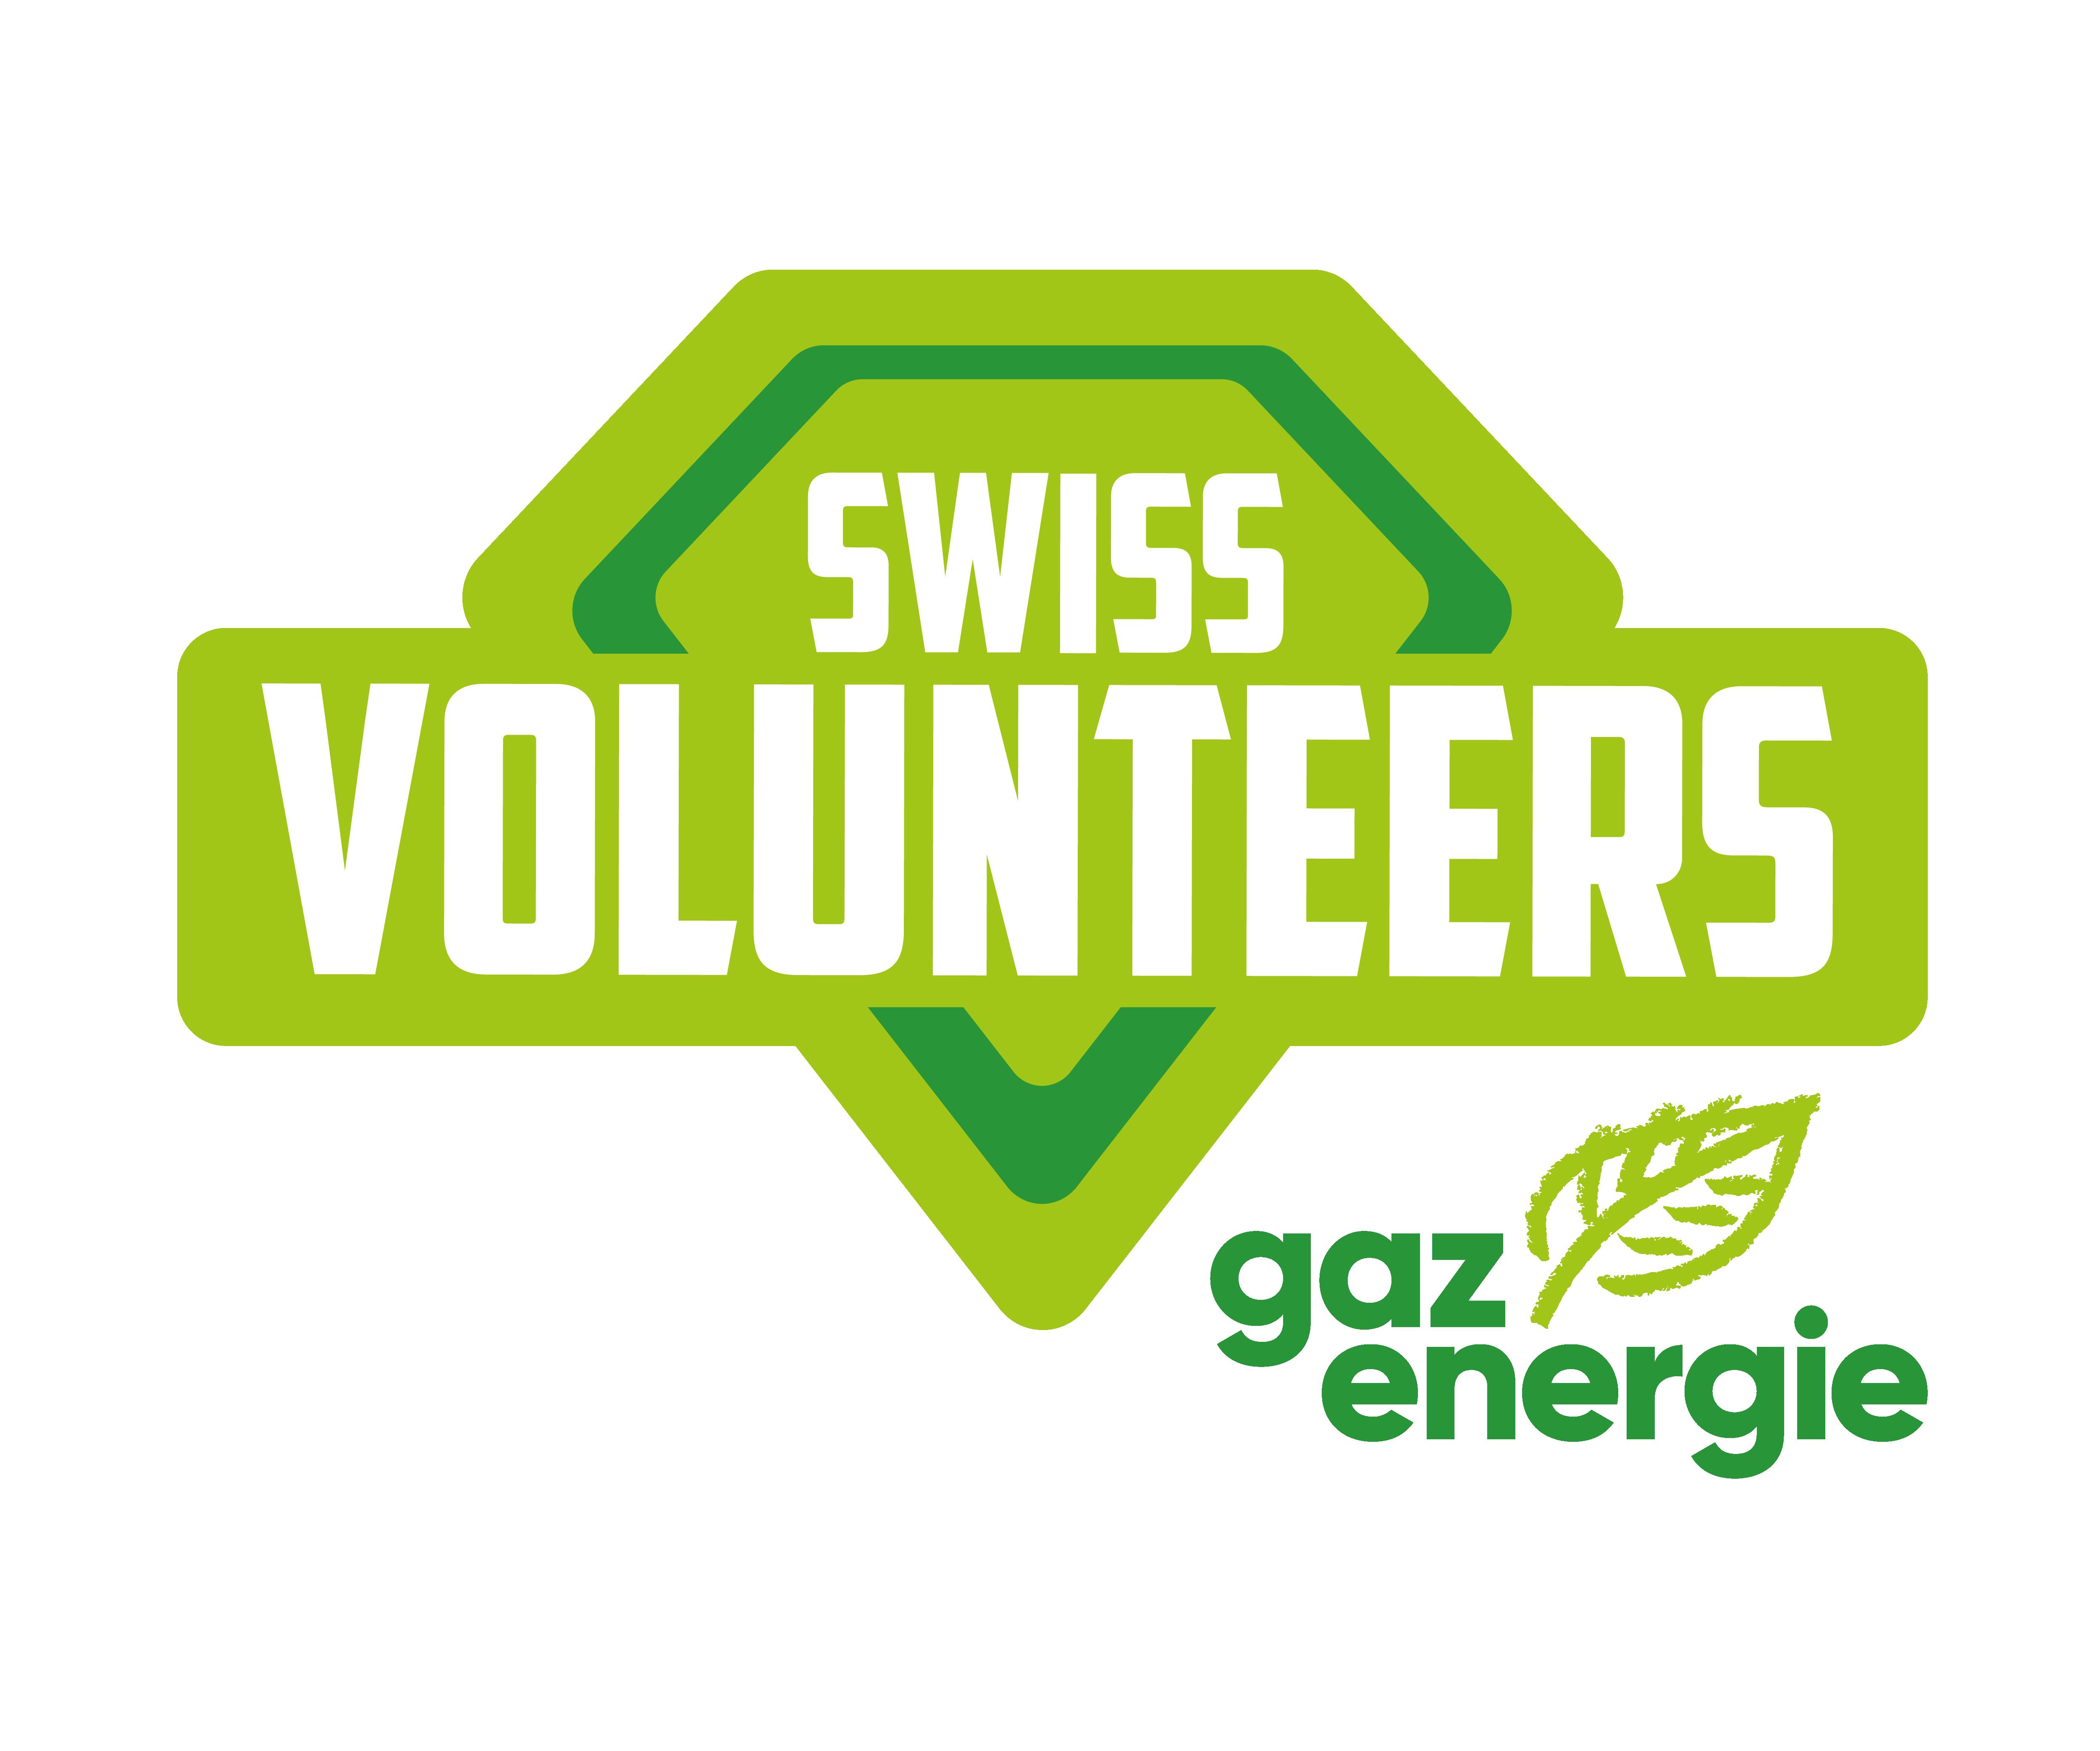 www.swissvolunteers.ch